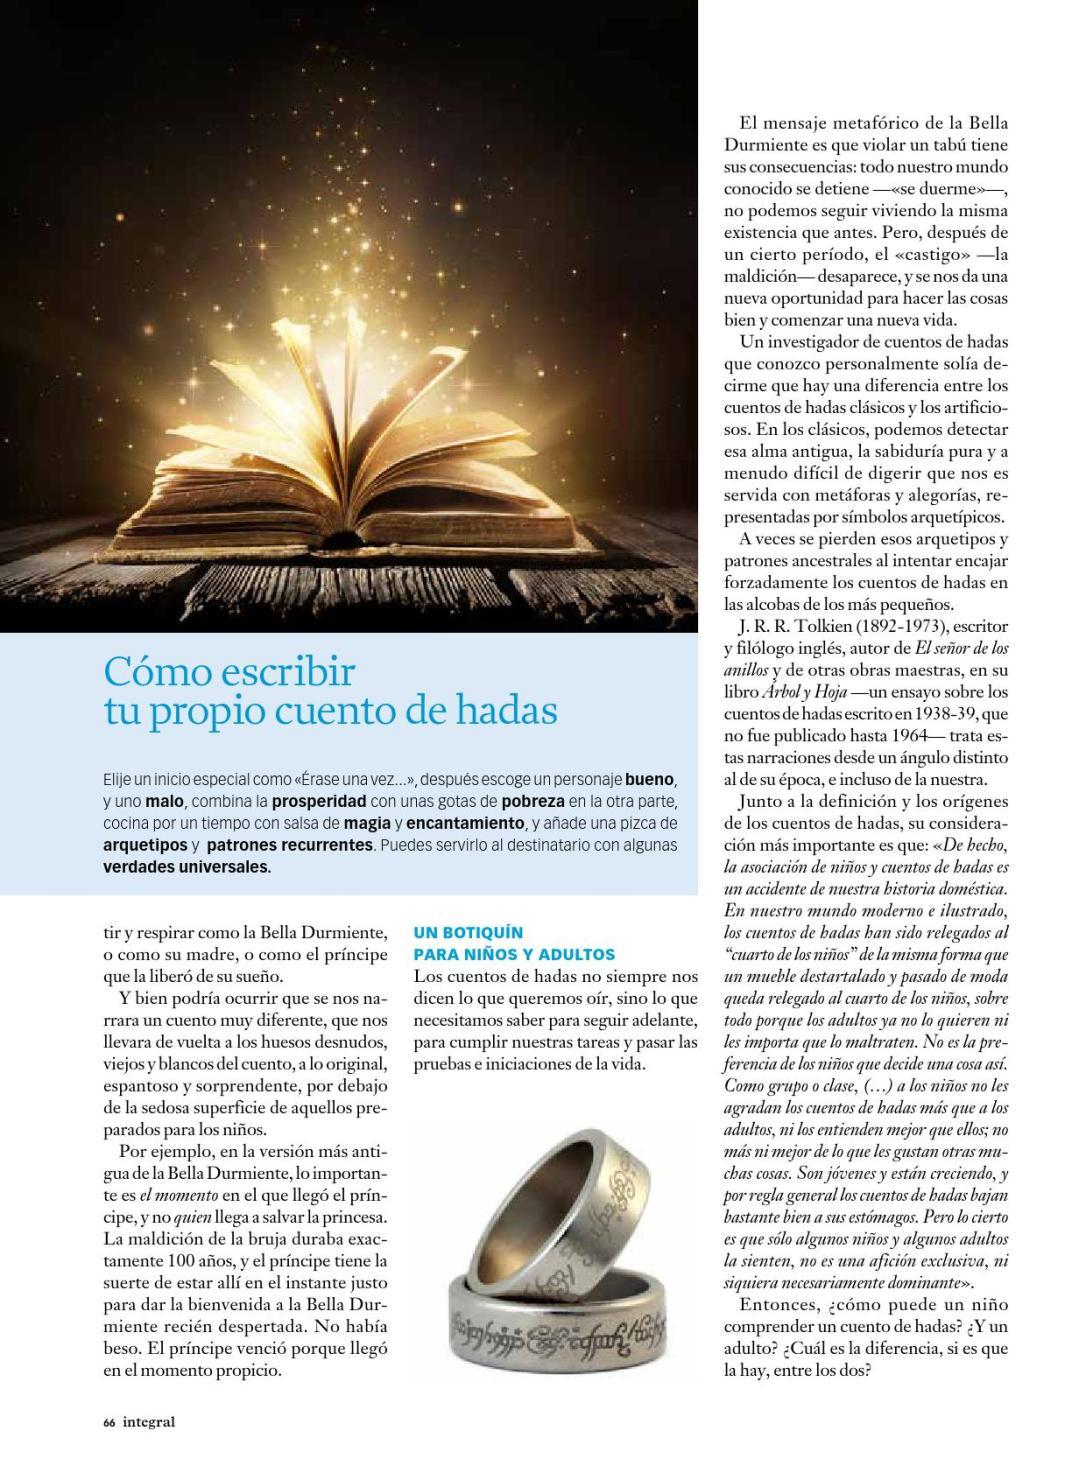 062-067 cuentos_000005